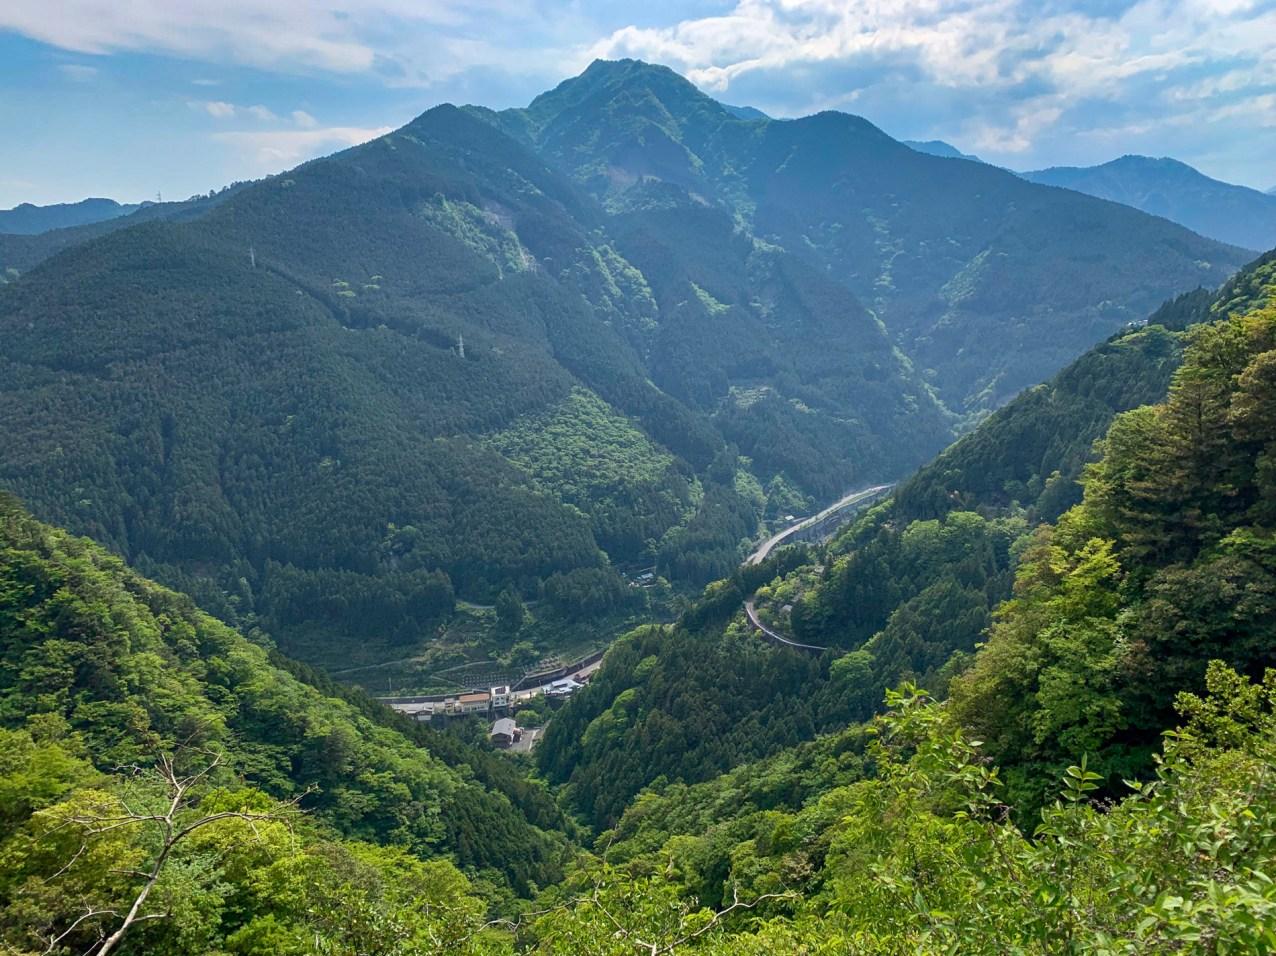 Heading into the mountainous central region of Shikoku